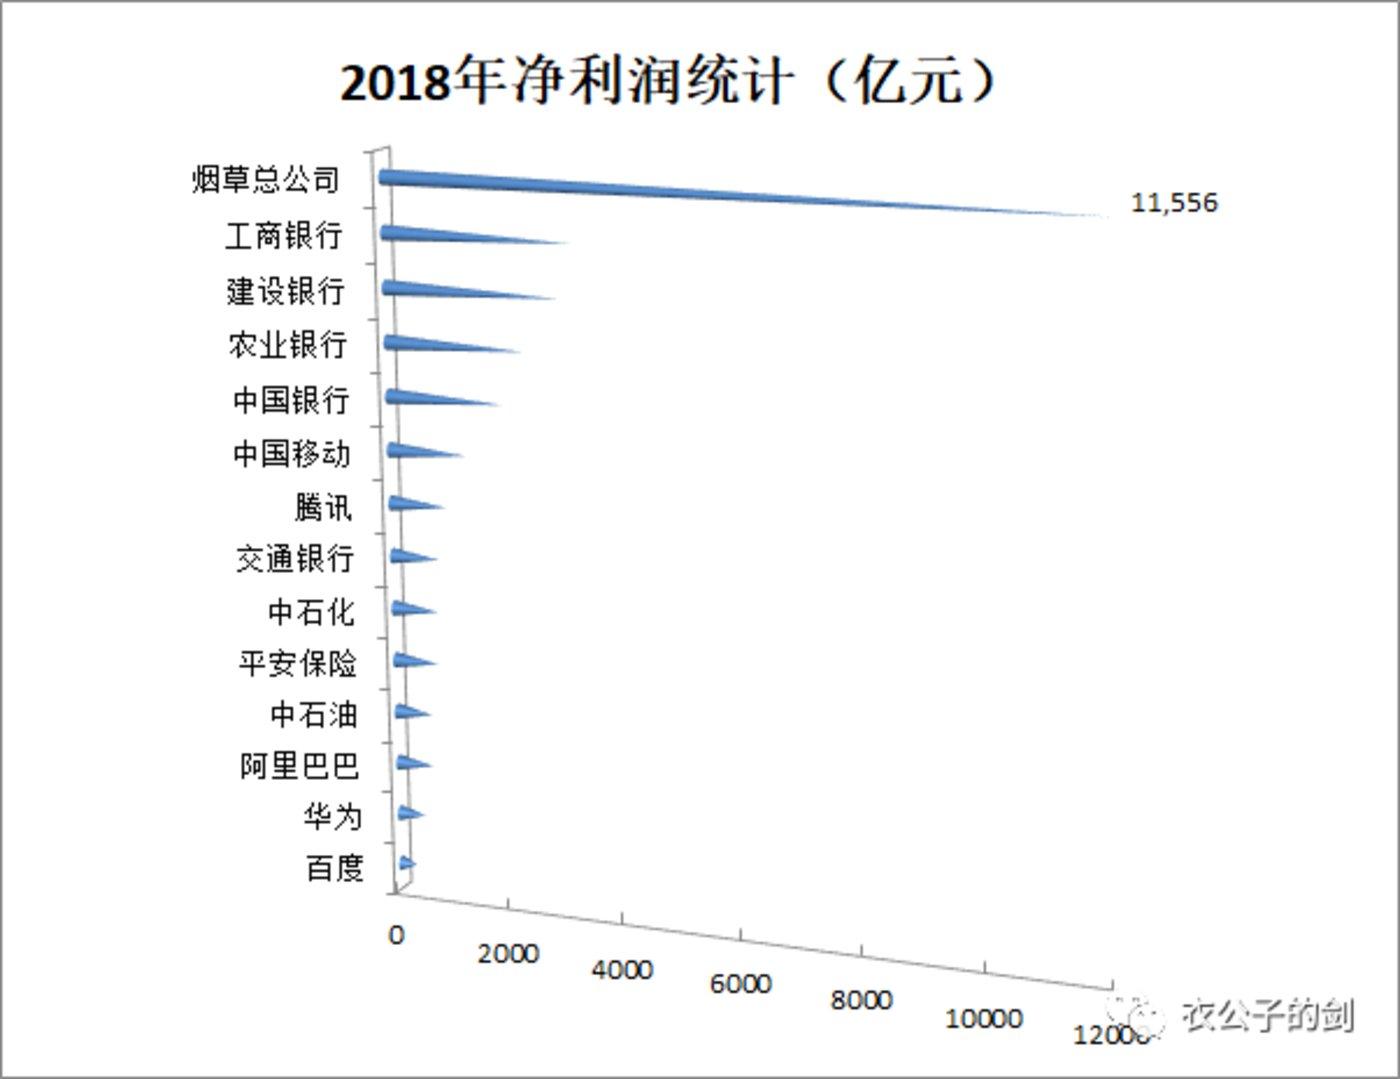 数据来源:各公司年报(其中工商银行等未发布2018年年报则以三季度报表匡算年化)。制图:Joe